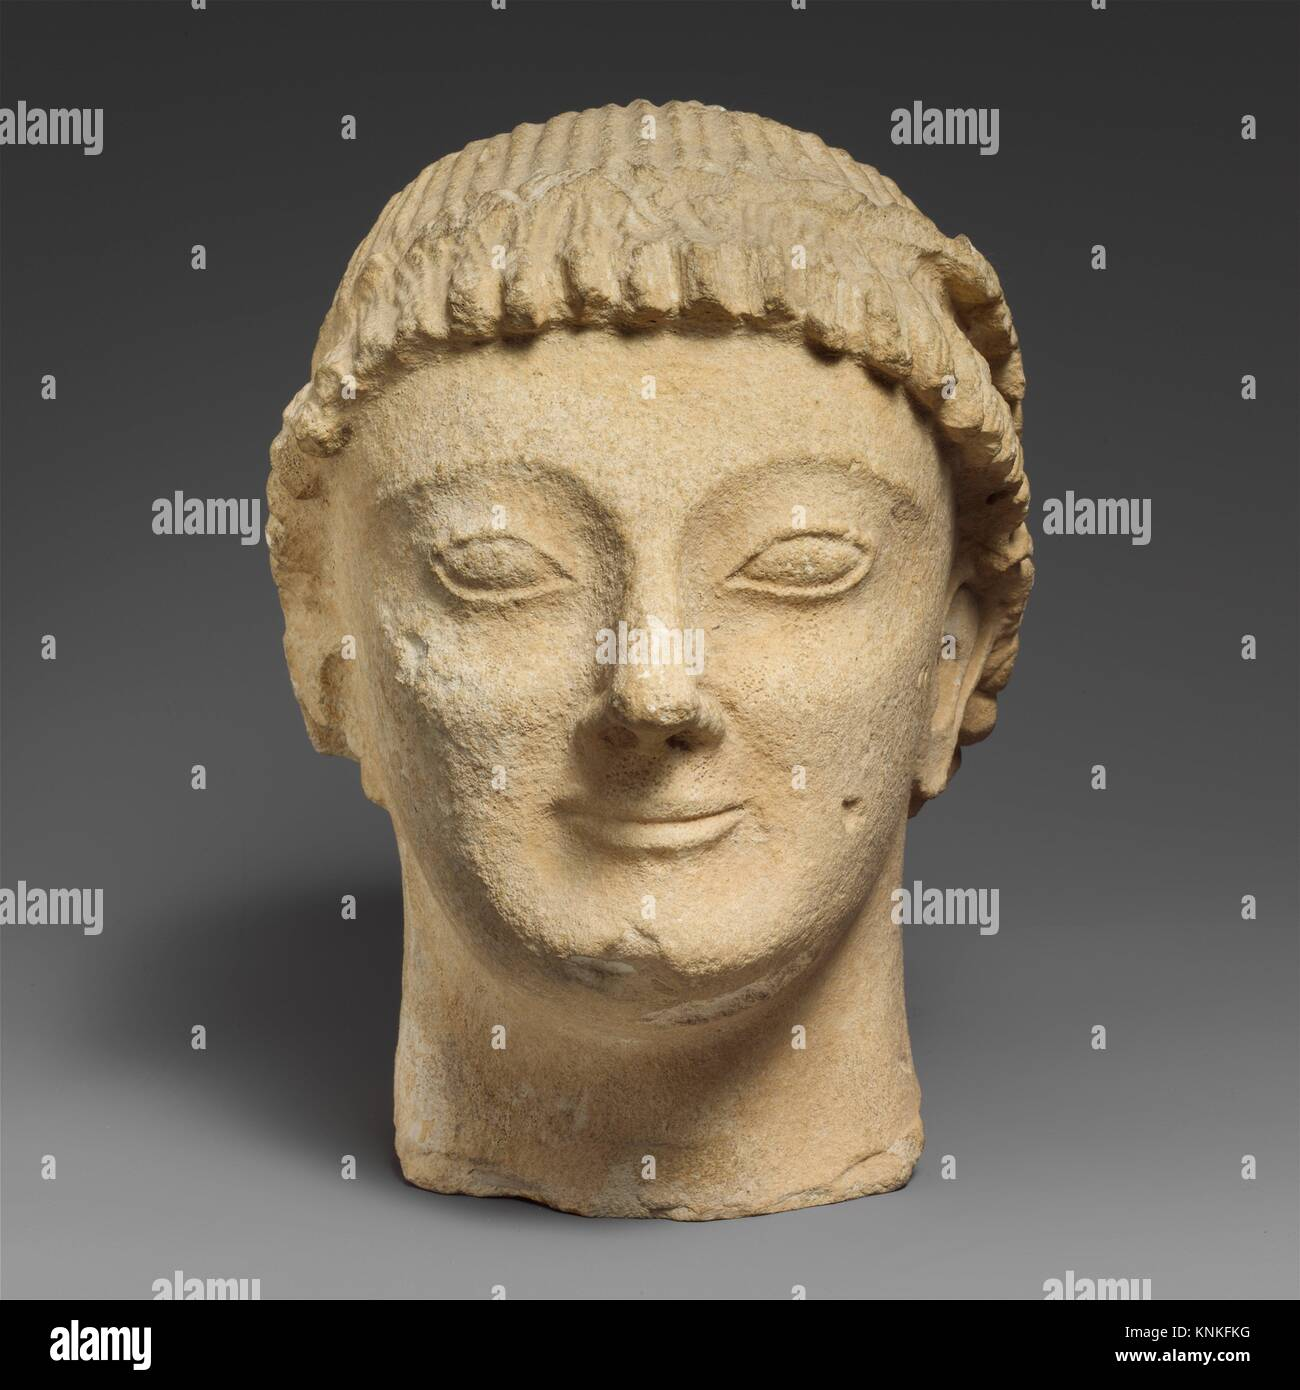 Tête en pierre calcaire d'un homme imberbe votary avec une couronne de rosettes. Période: archaïque; Date: dernier quart du 6e siècle avant J.C; culture; chypriote: Banque D'Images